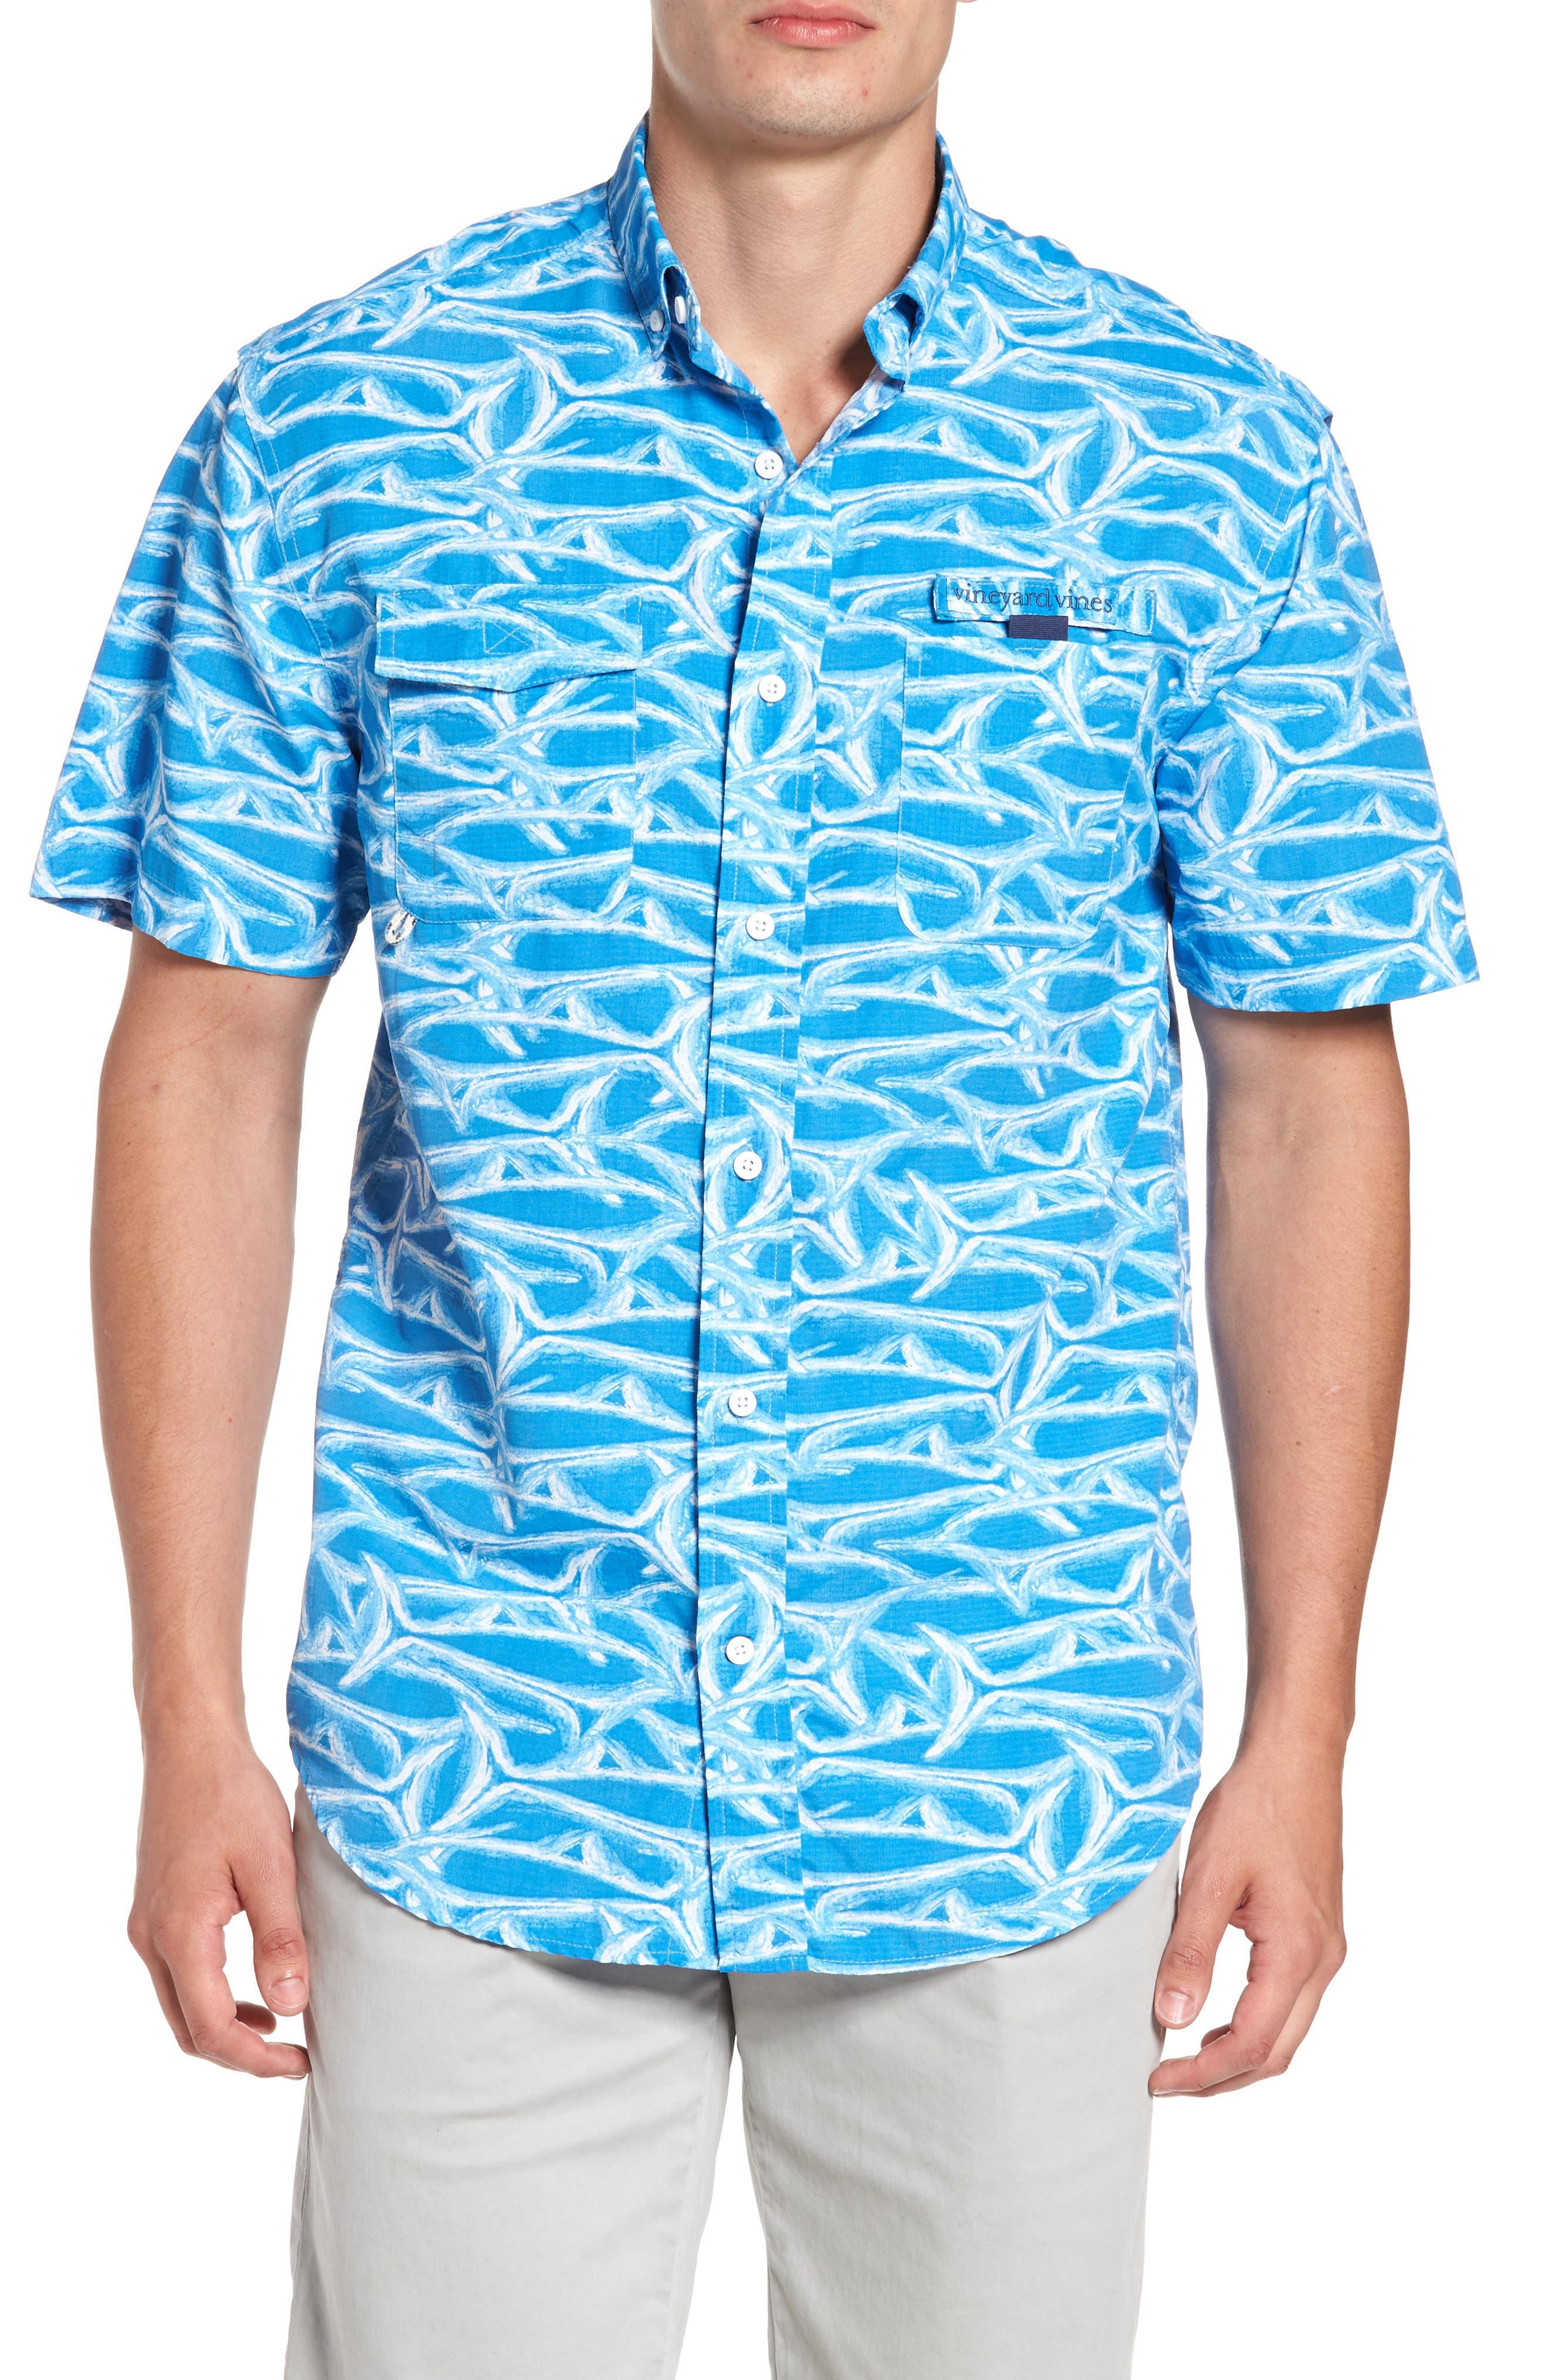 Harbor Brushed Marlin Fishing Shirt,                             Main thumbnail 1, color,                             496